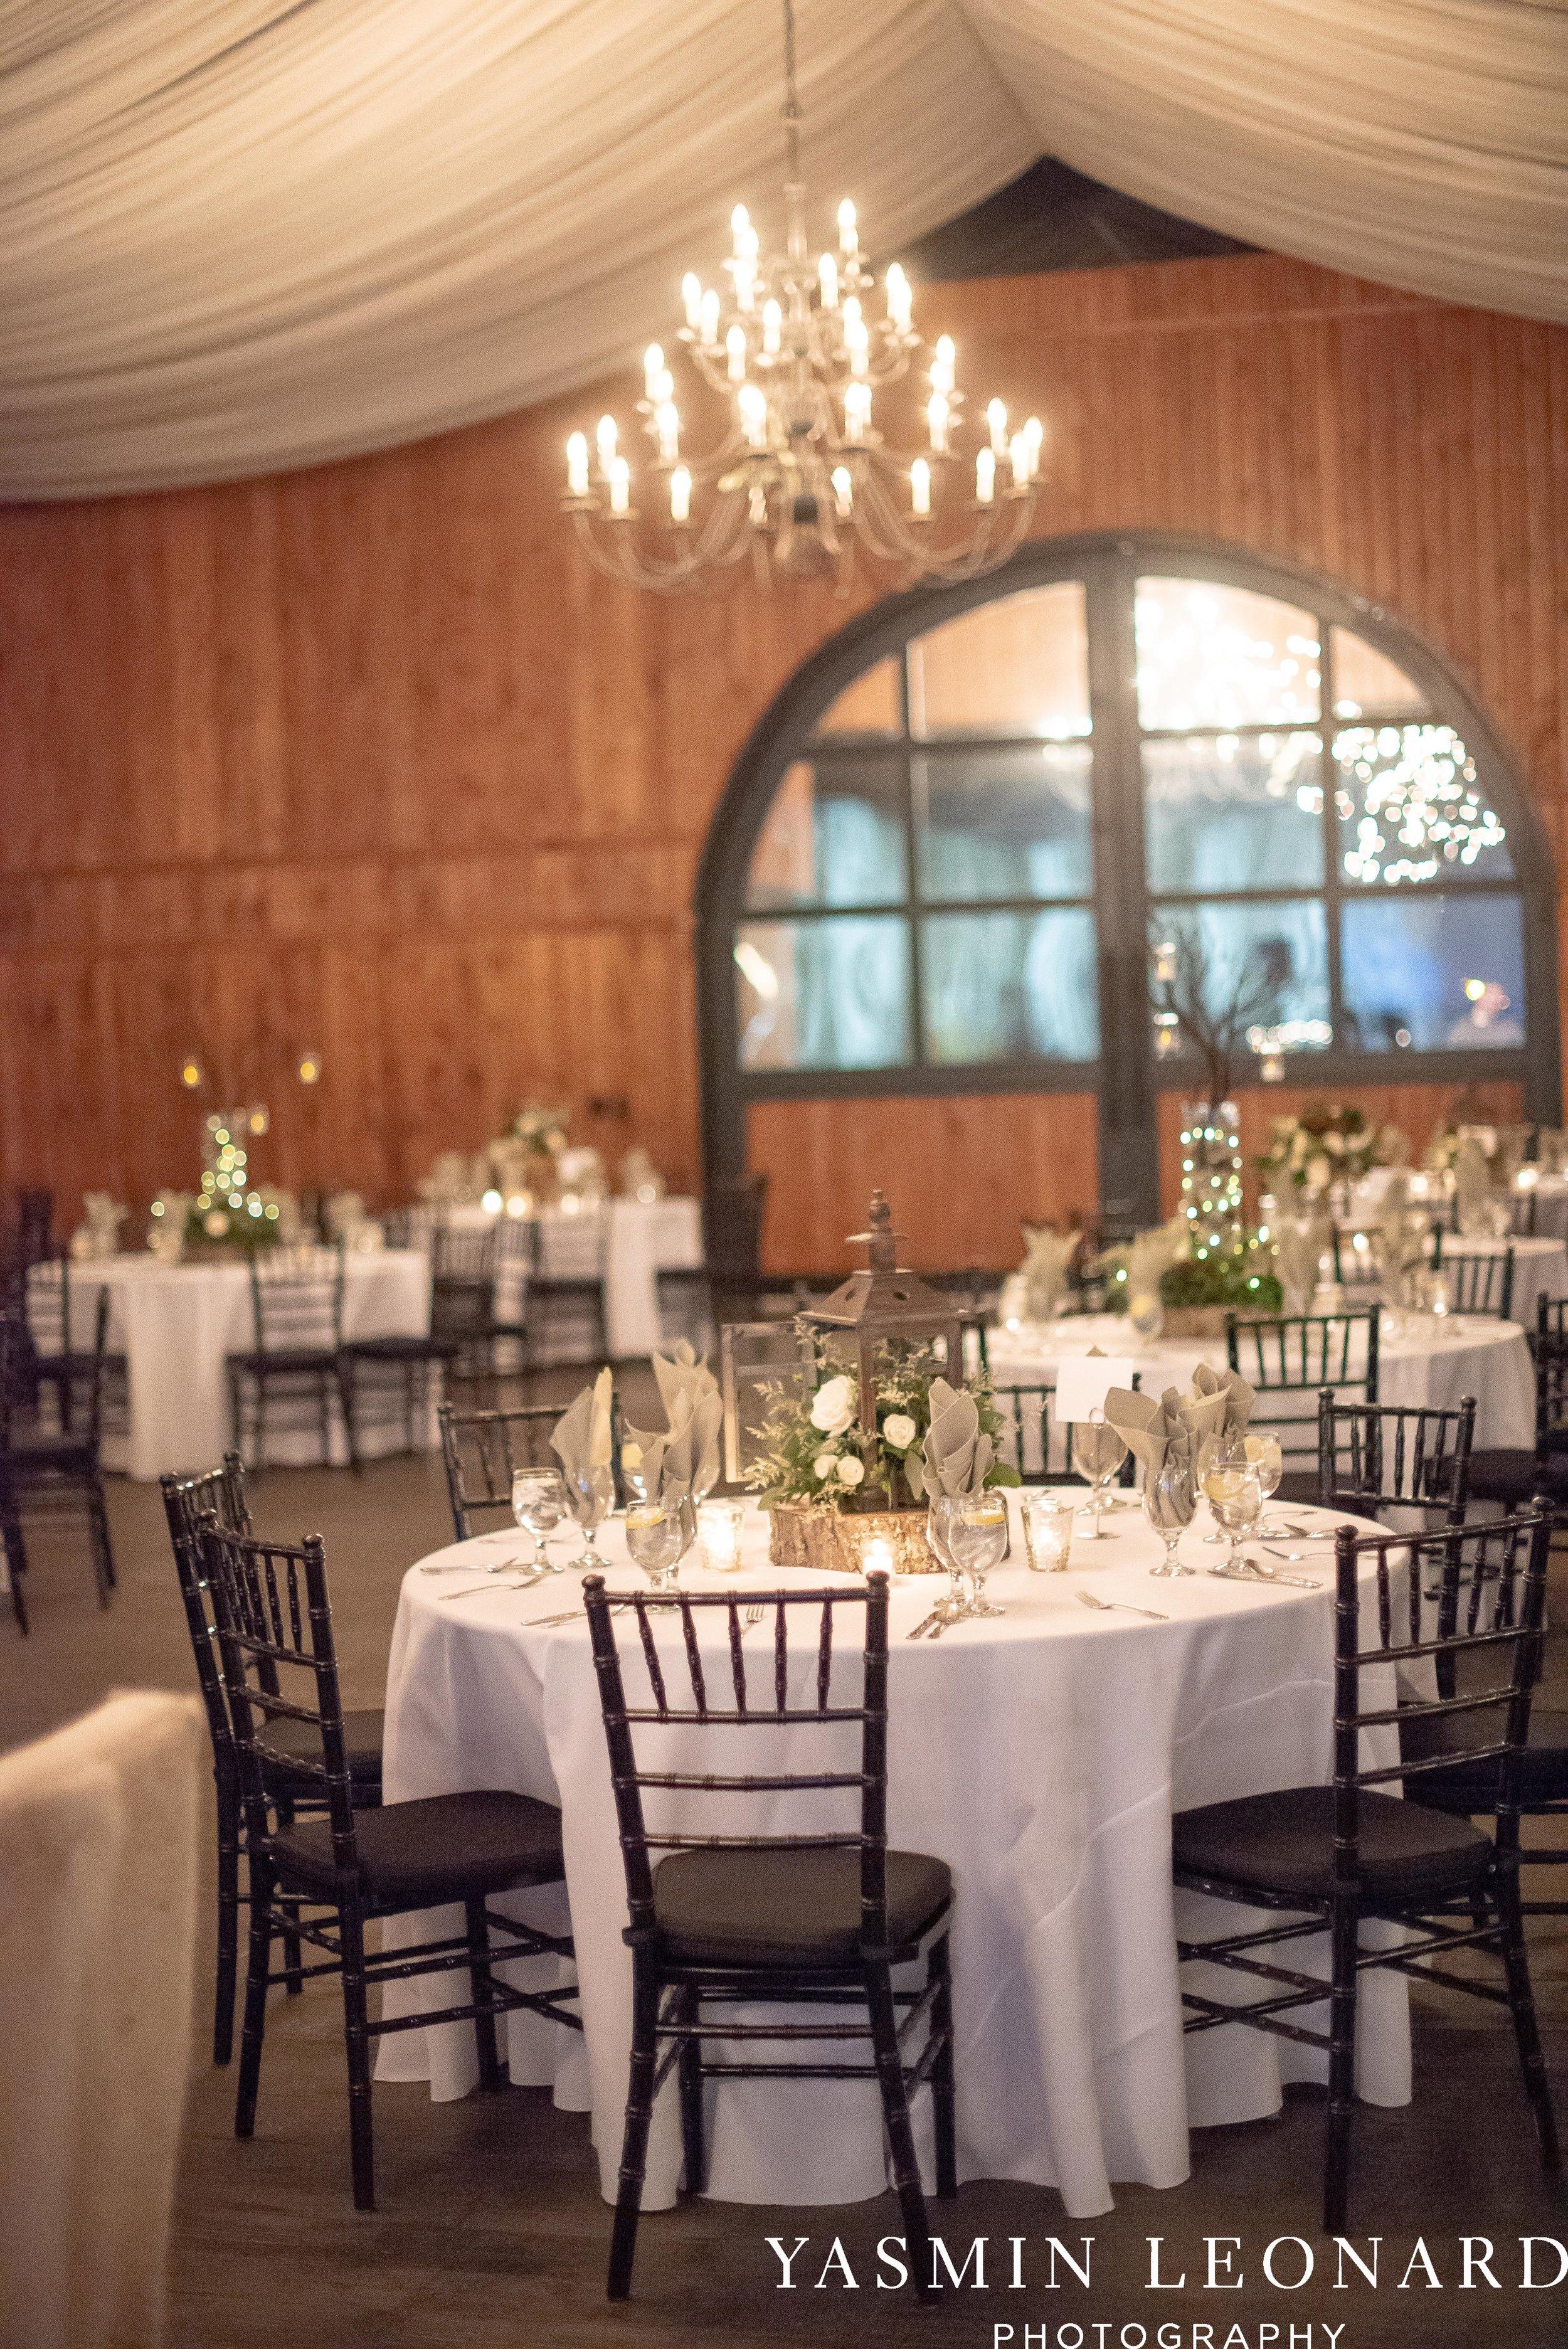 Adaumont Farm - Wesley Memorial Weddings - High Point Weddings - Just Priceless - NC Wedding Photographer - Yasmin Leonard Photography - High Point Wedding Vendors-56.jpg